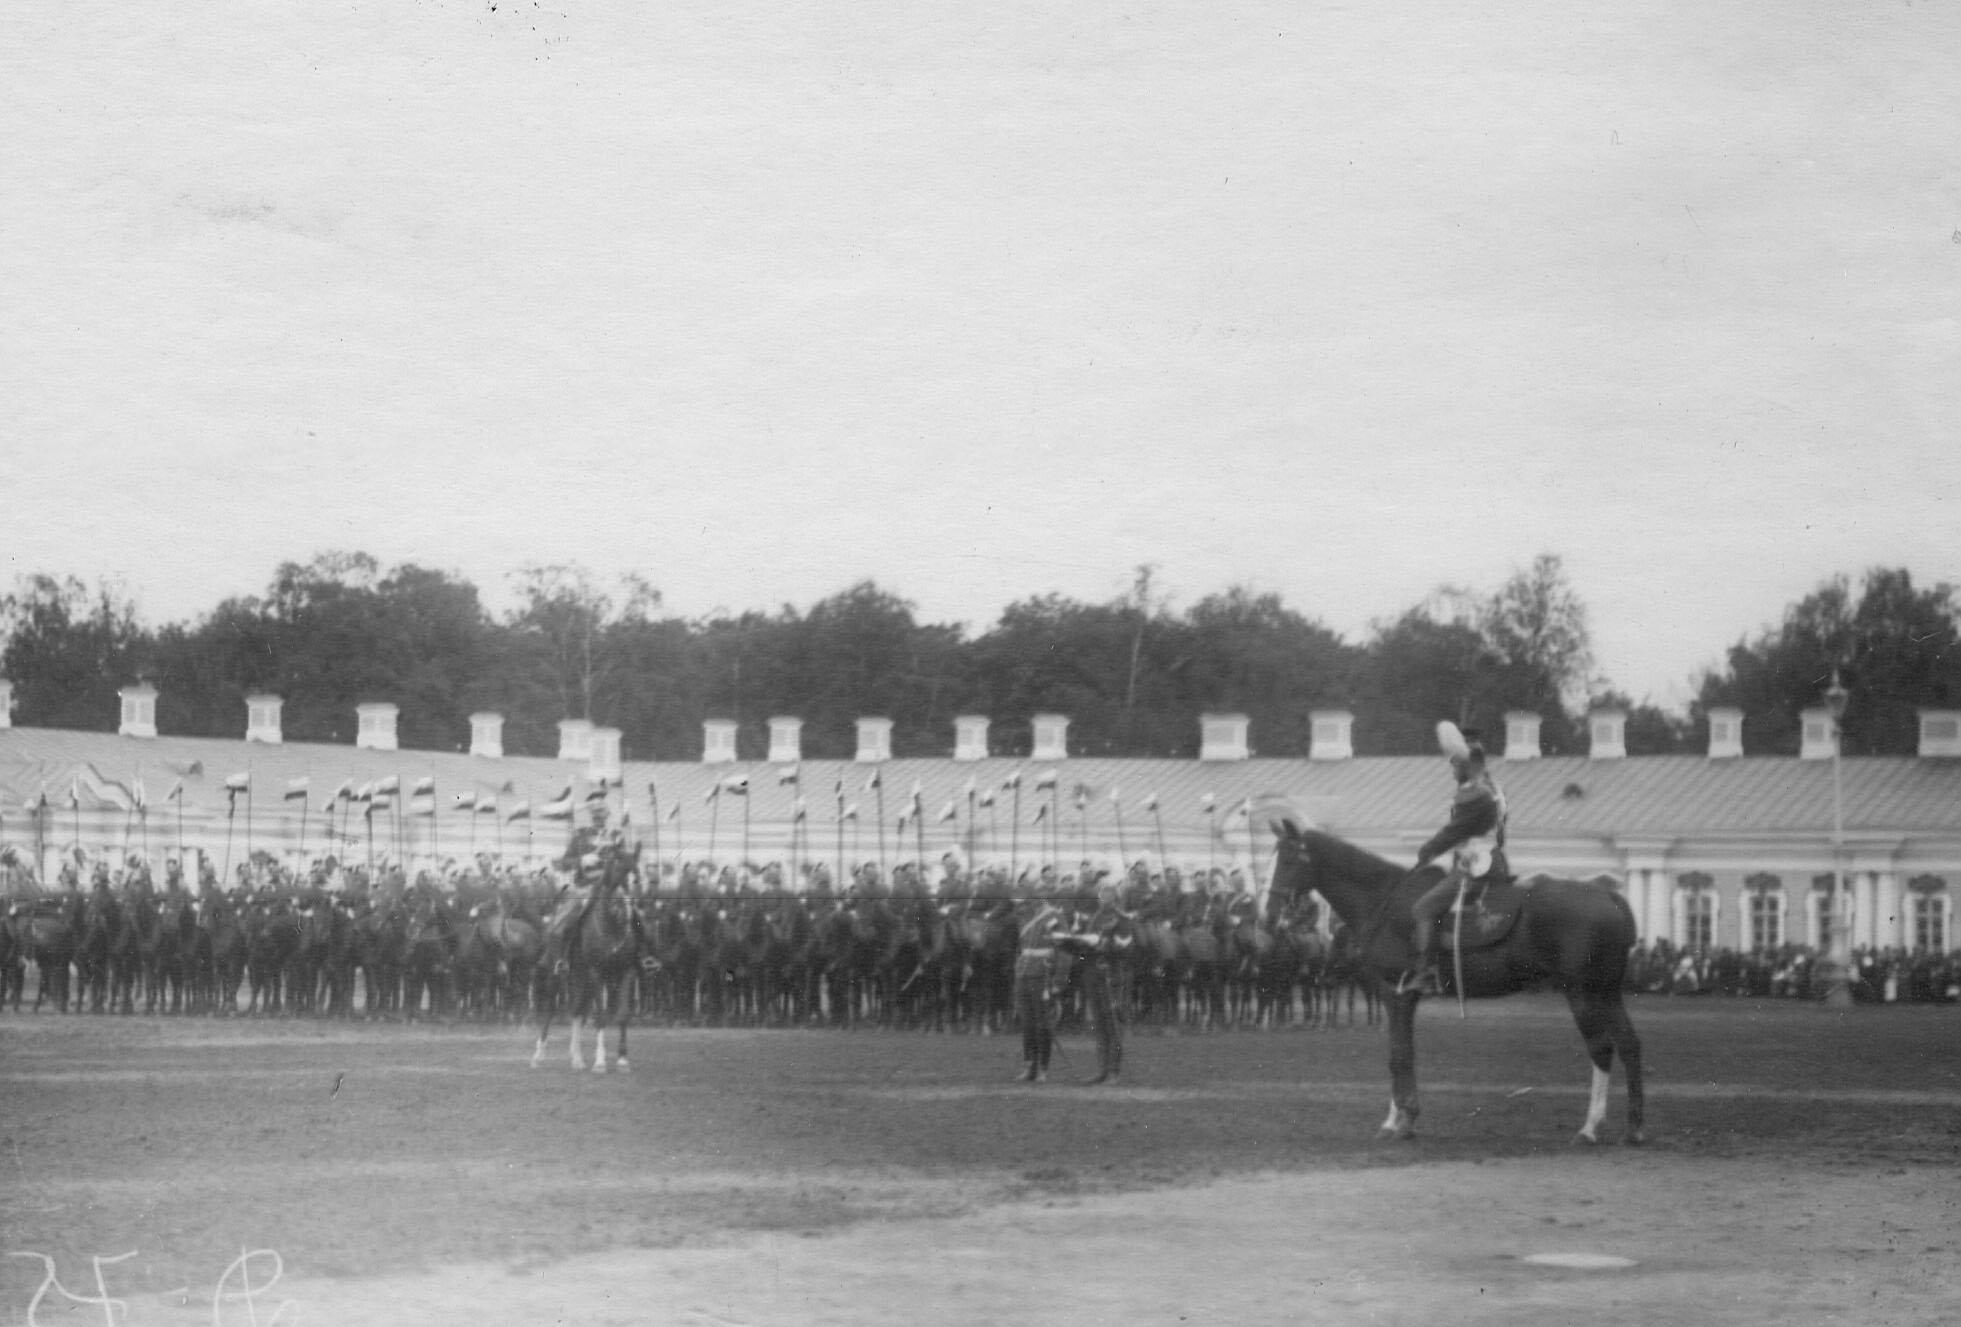 Император Николай II перед строем улан на плацу во время парада Уланского Её Величества лейб-гвардии полка